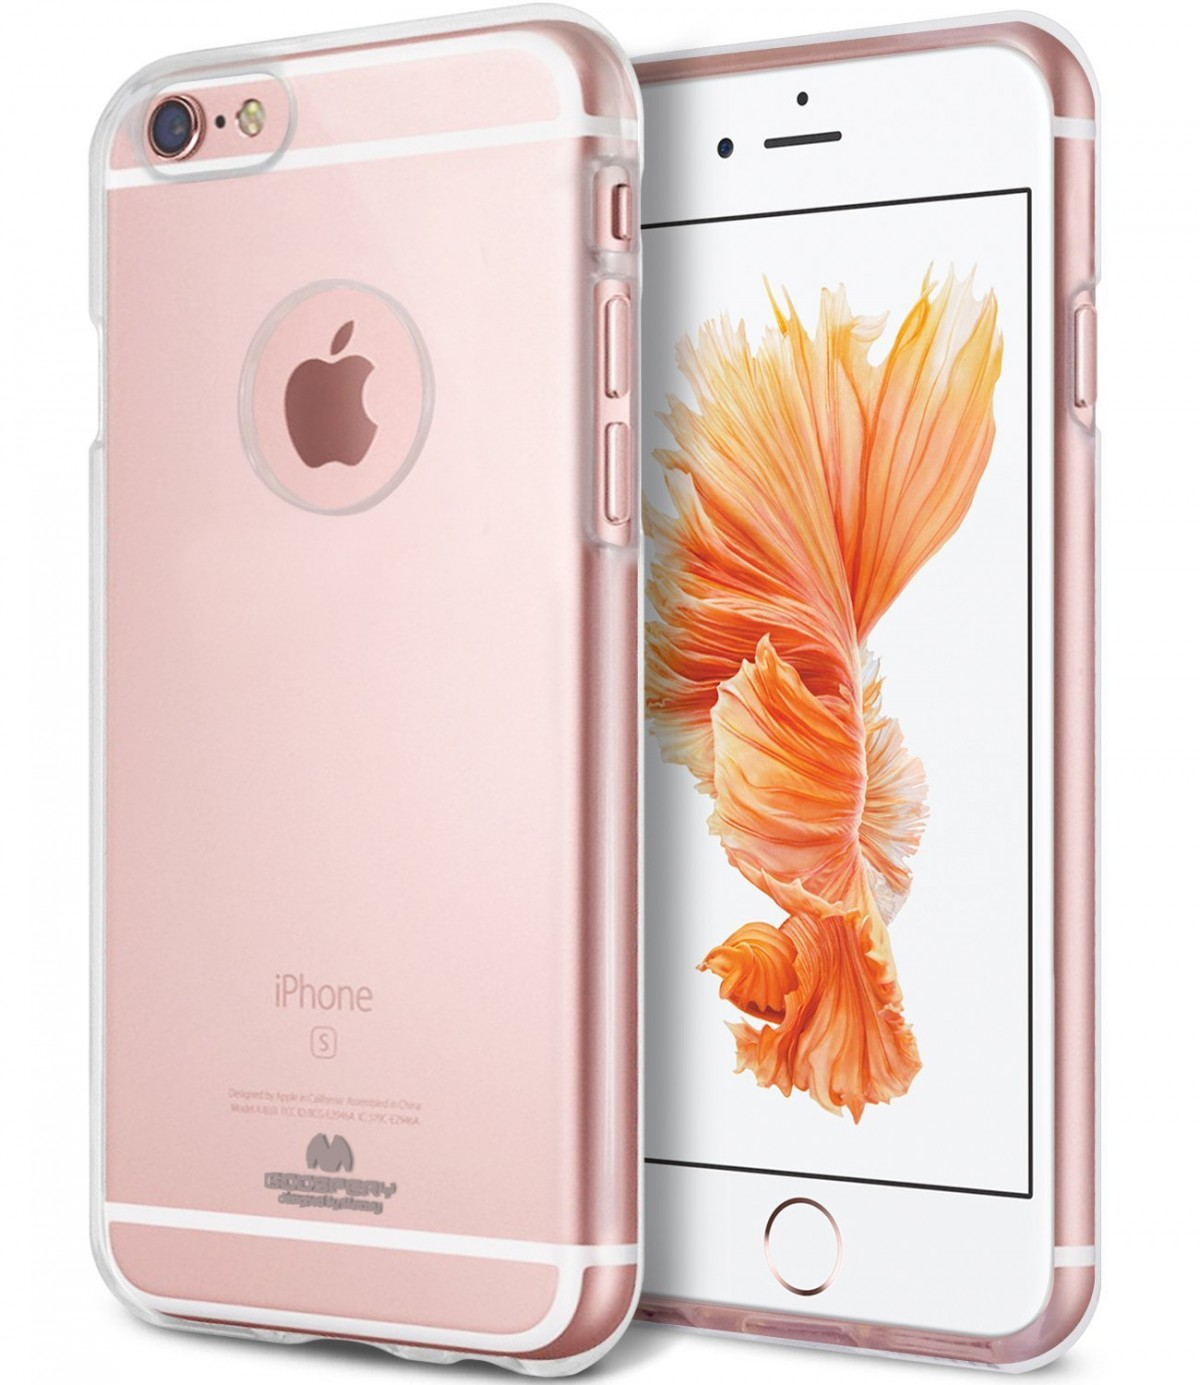 Tenké silikonové obaly / kryty Goospery Mercury pro Apple iPhone 6s/6 - Čirý / Transparentní /